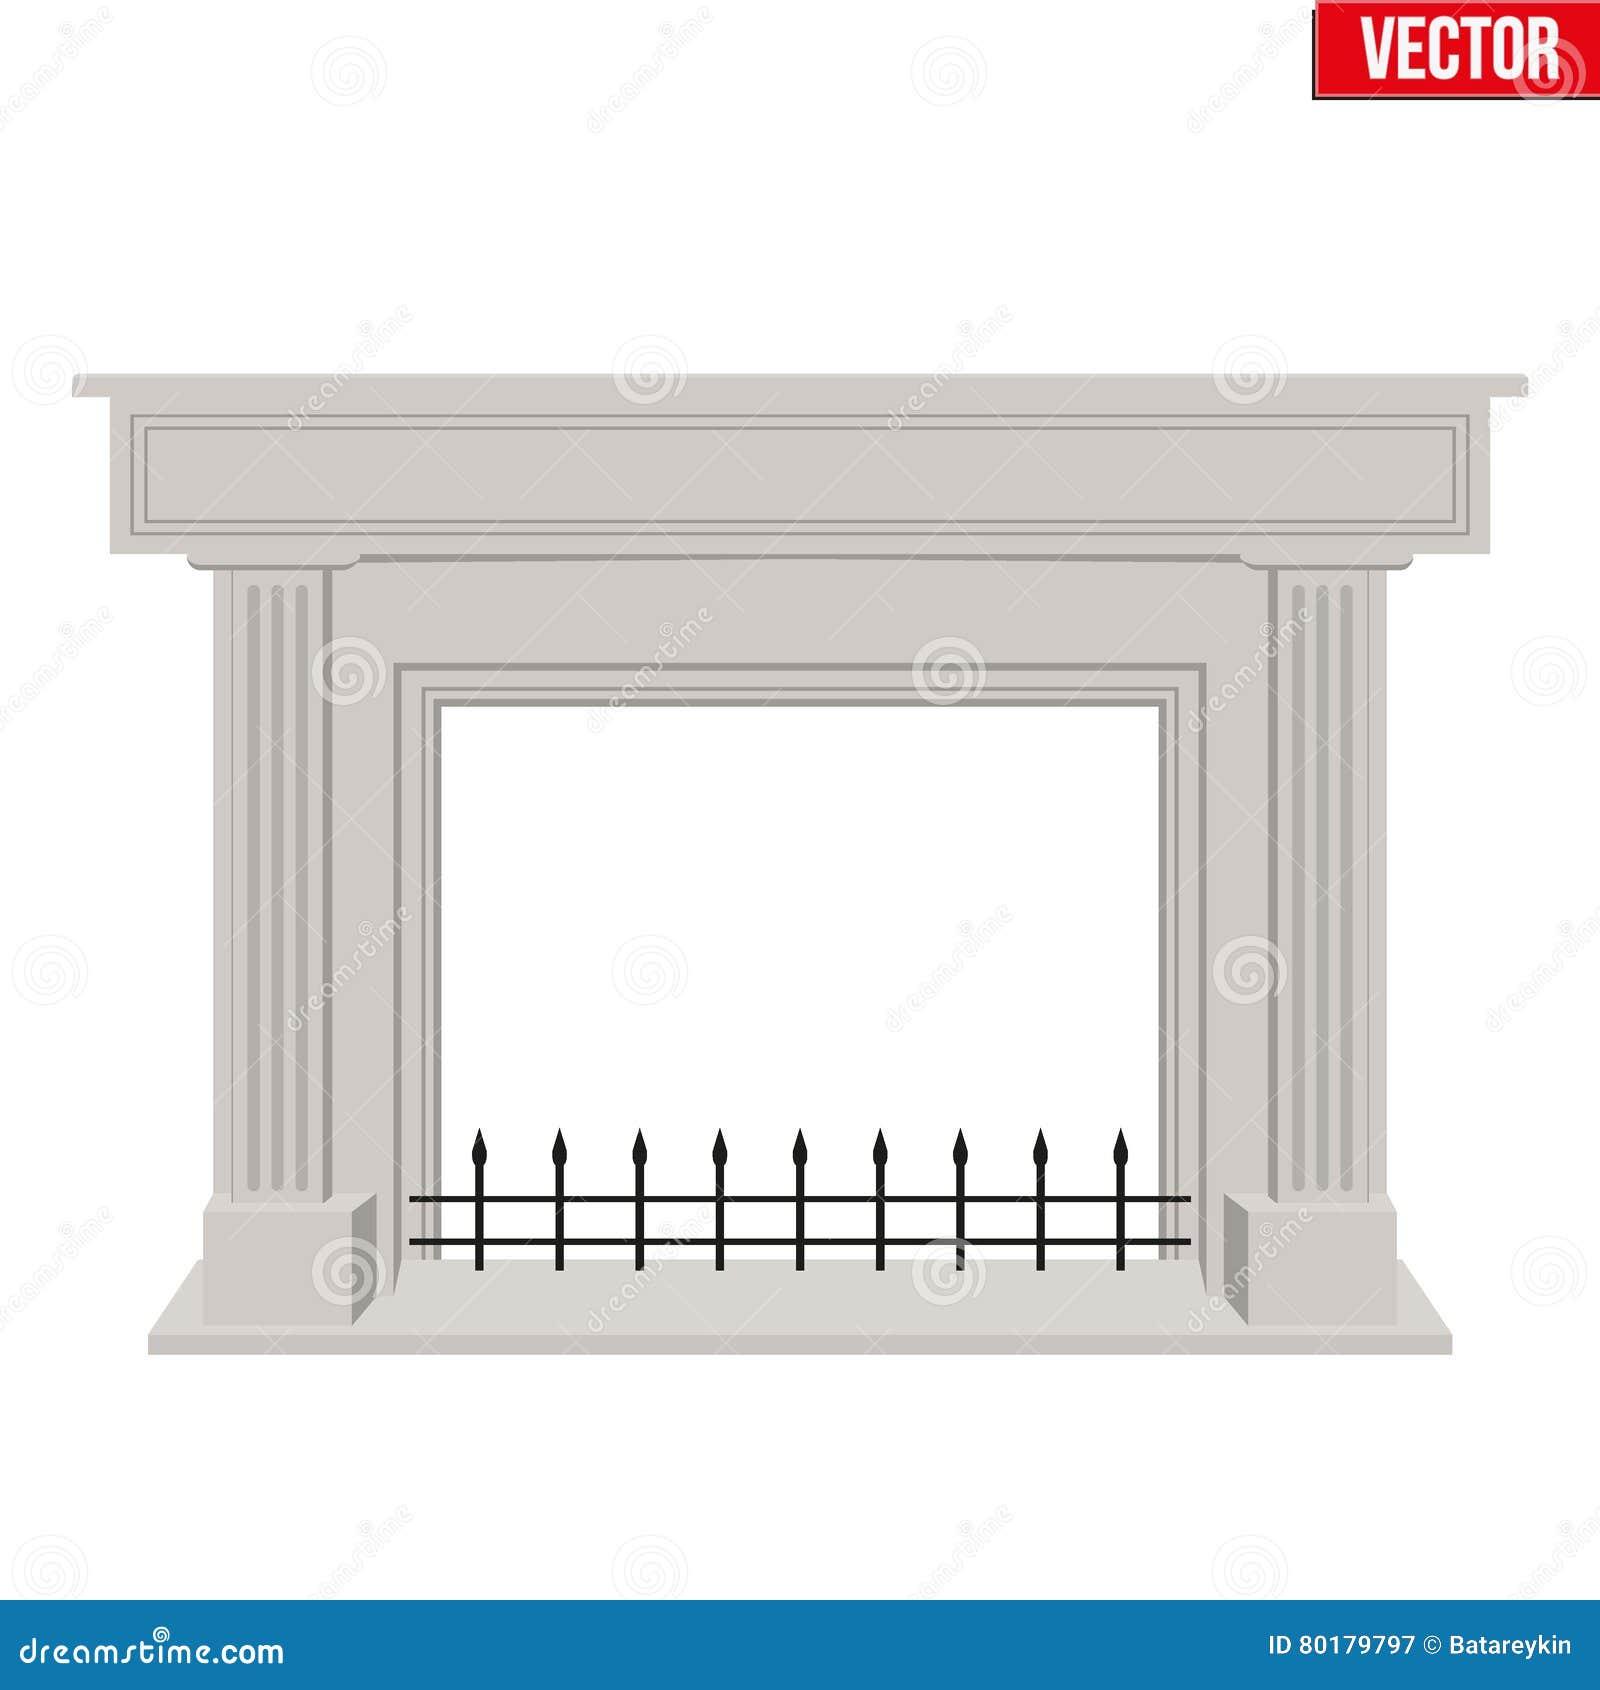 Dise o plano del estilo de la chimenea tradicional - Diseno de chimenea ...